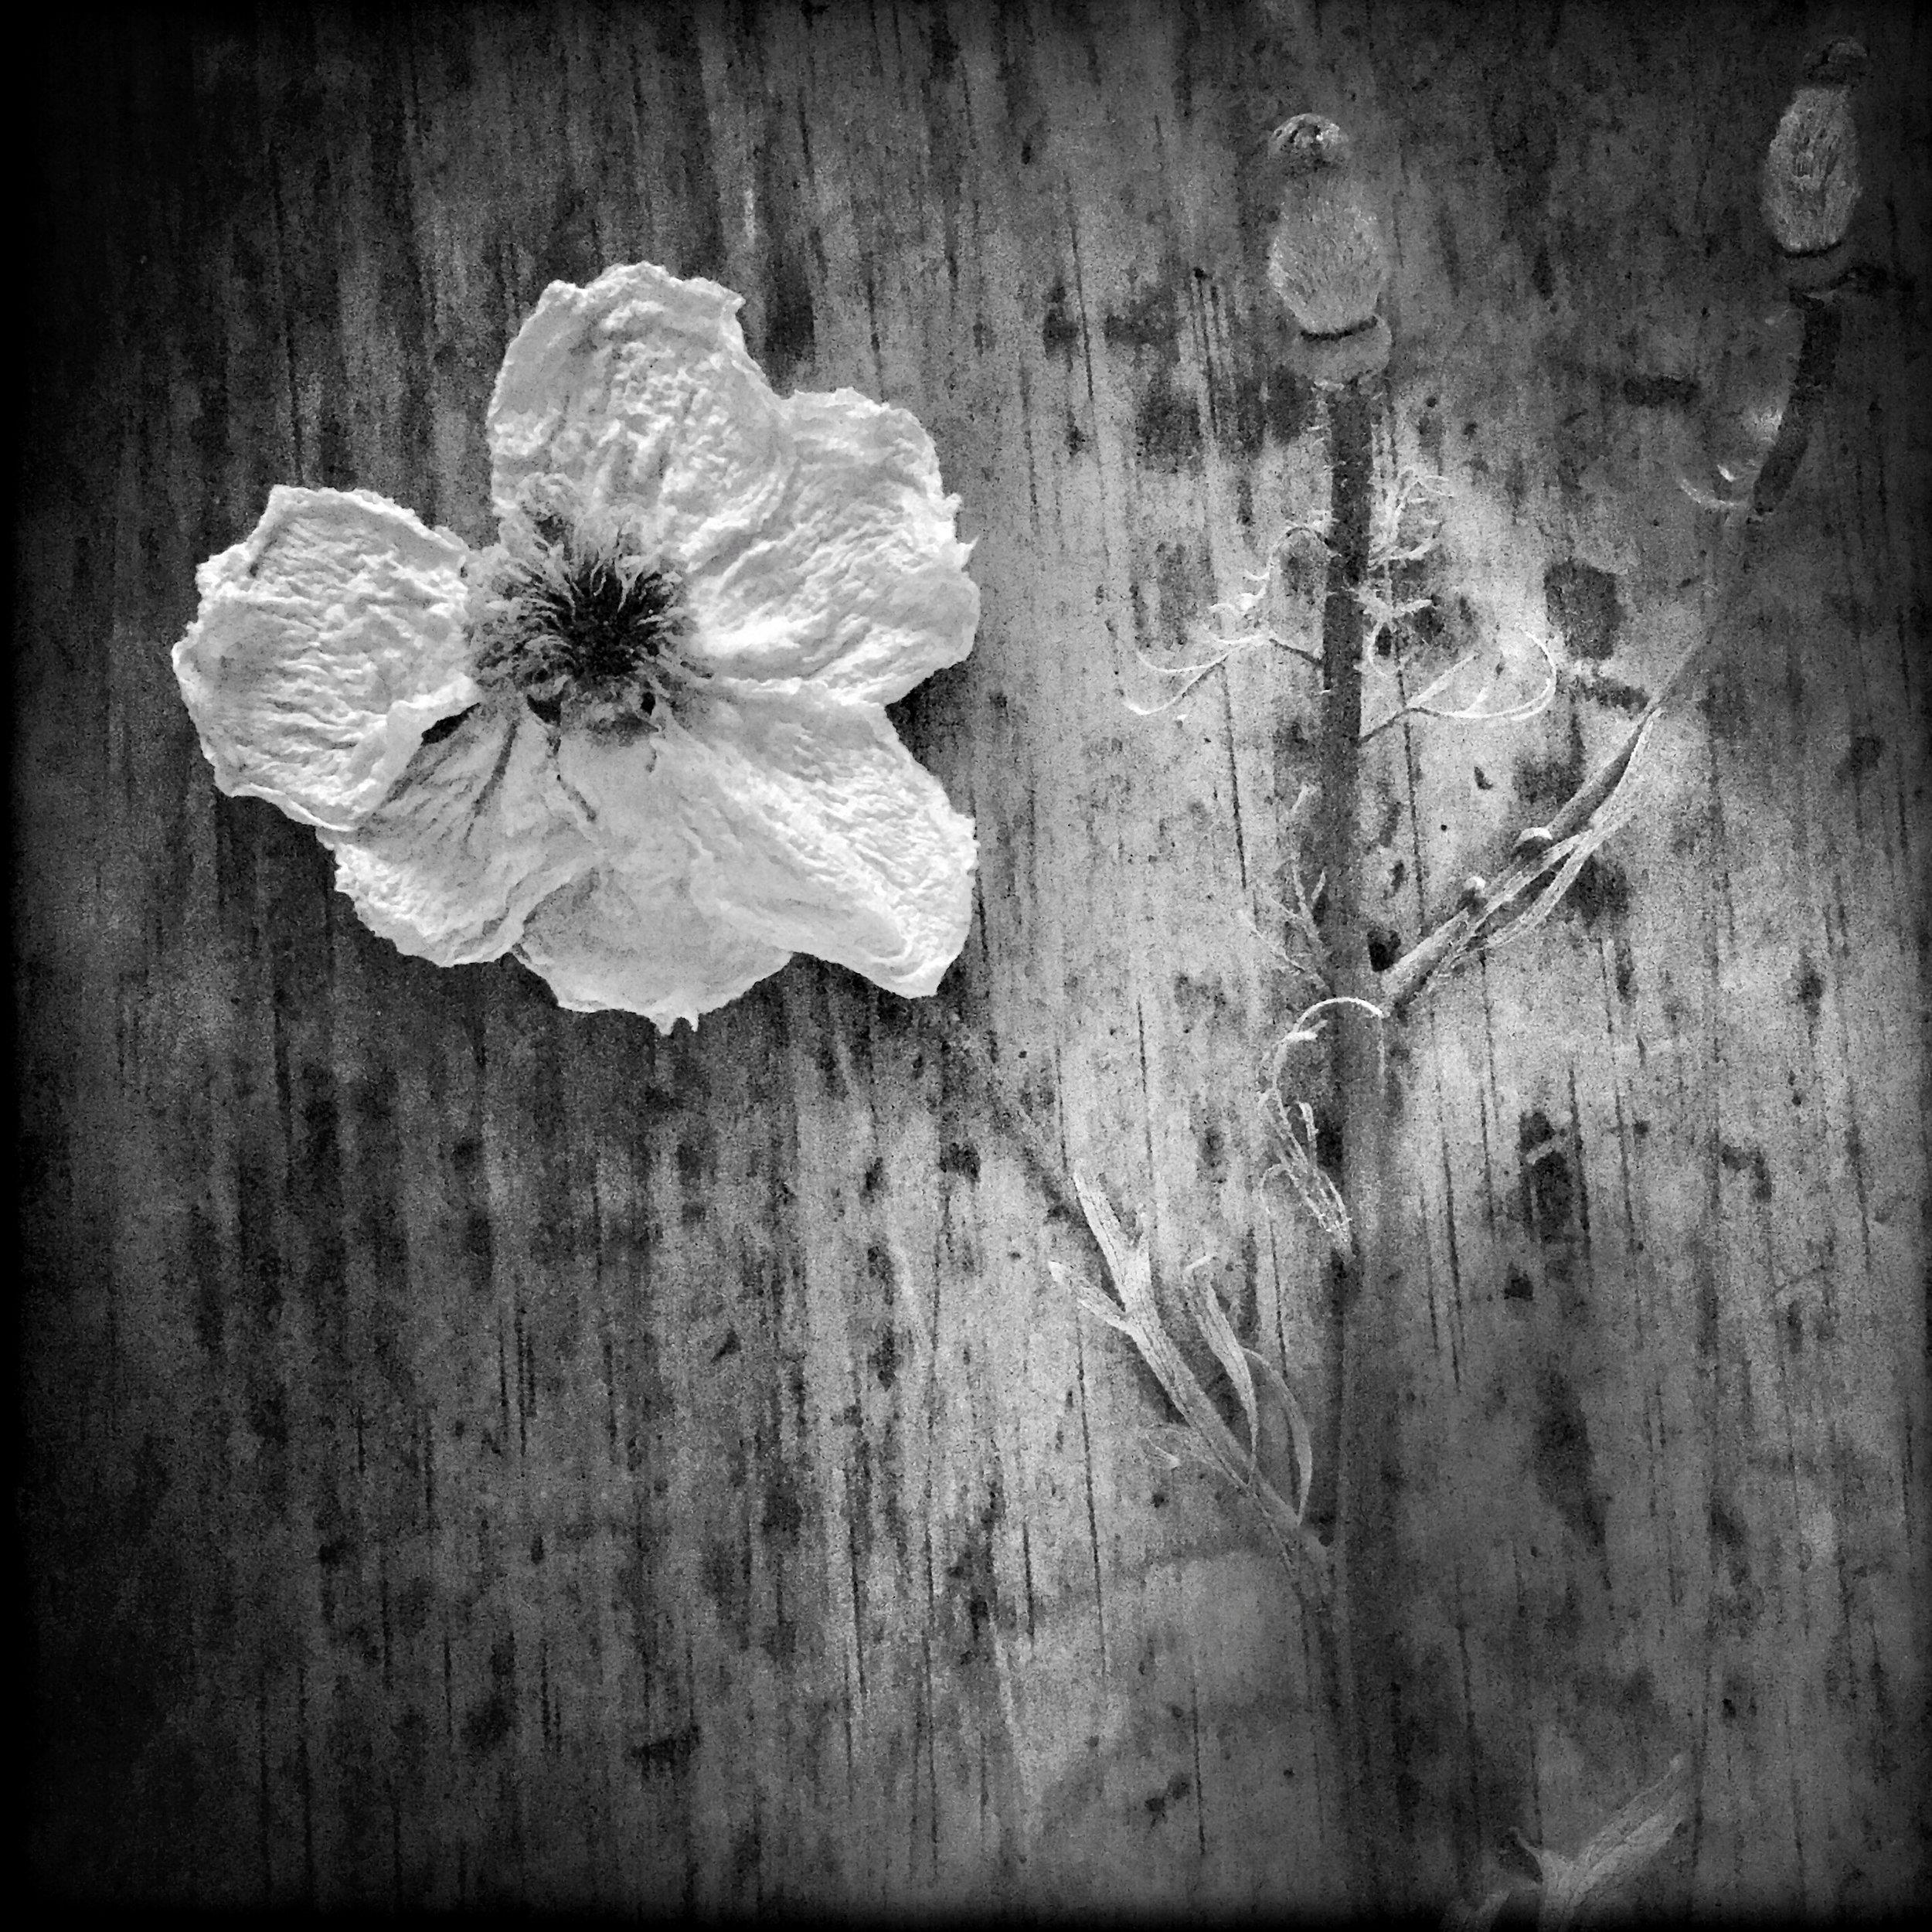 Resting Flower, 2018